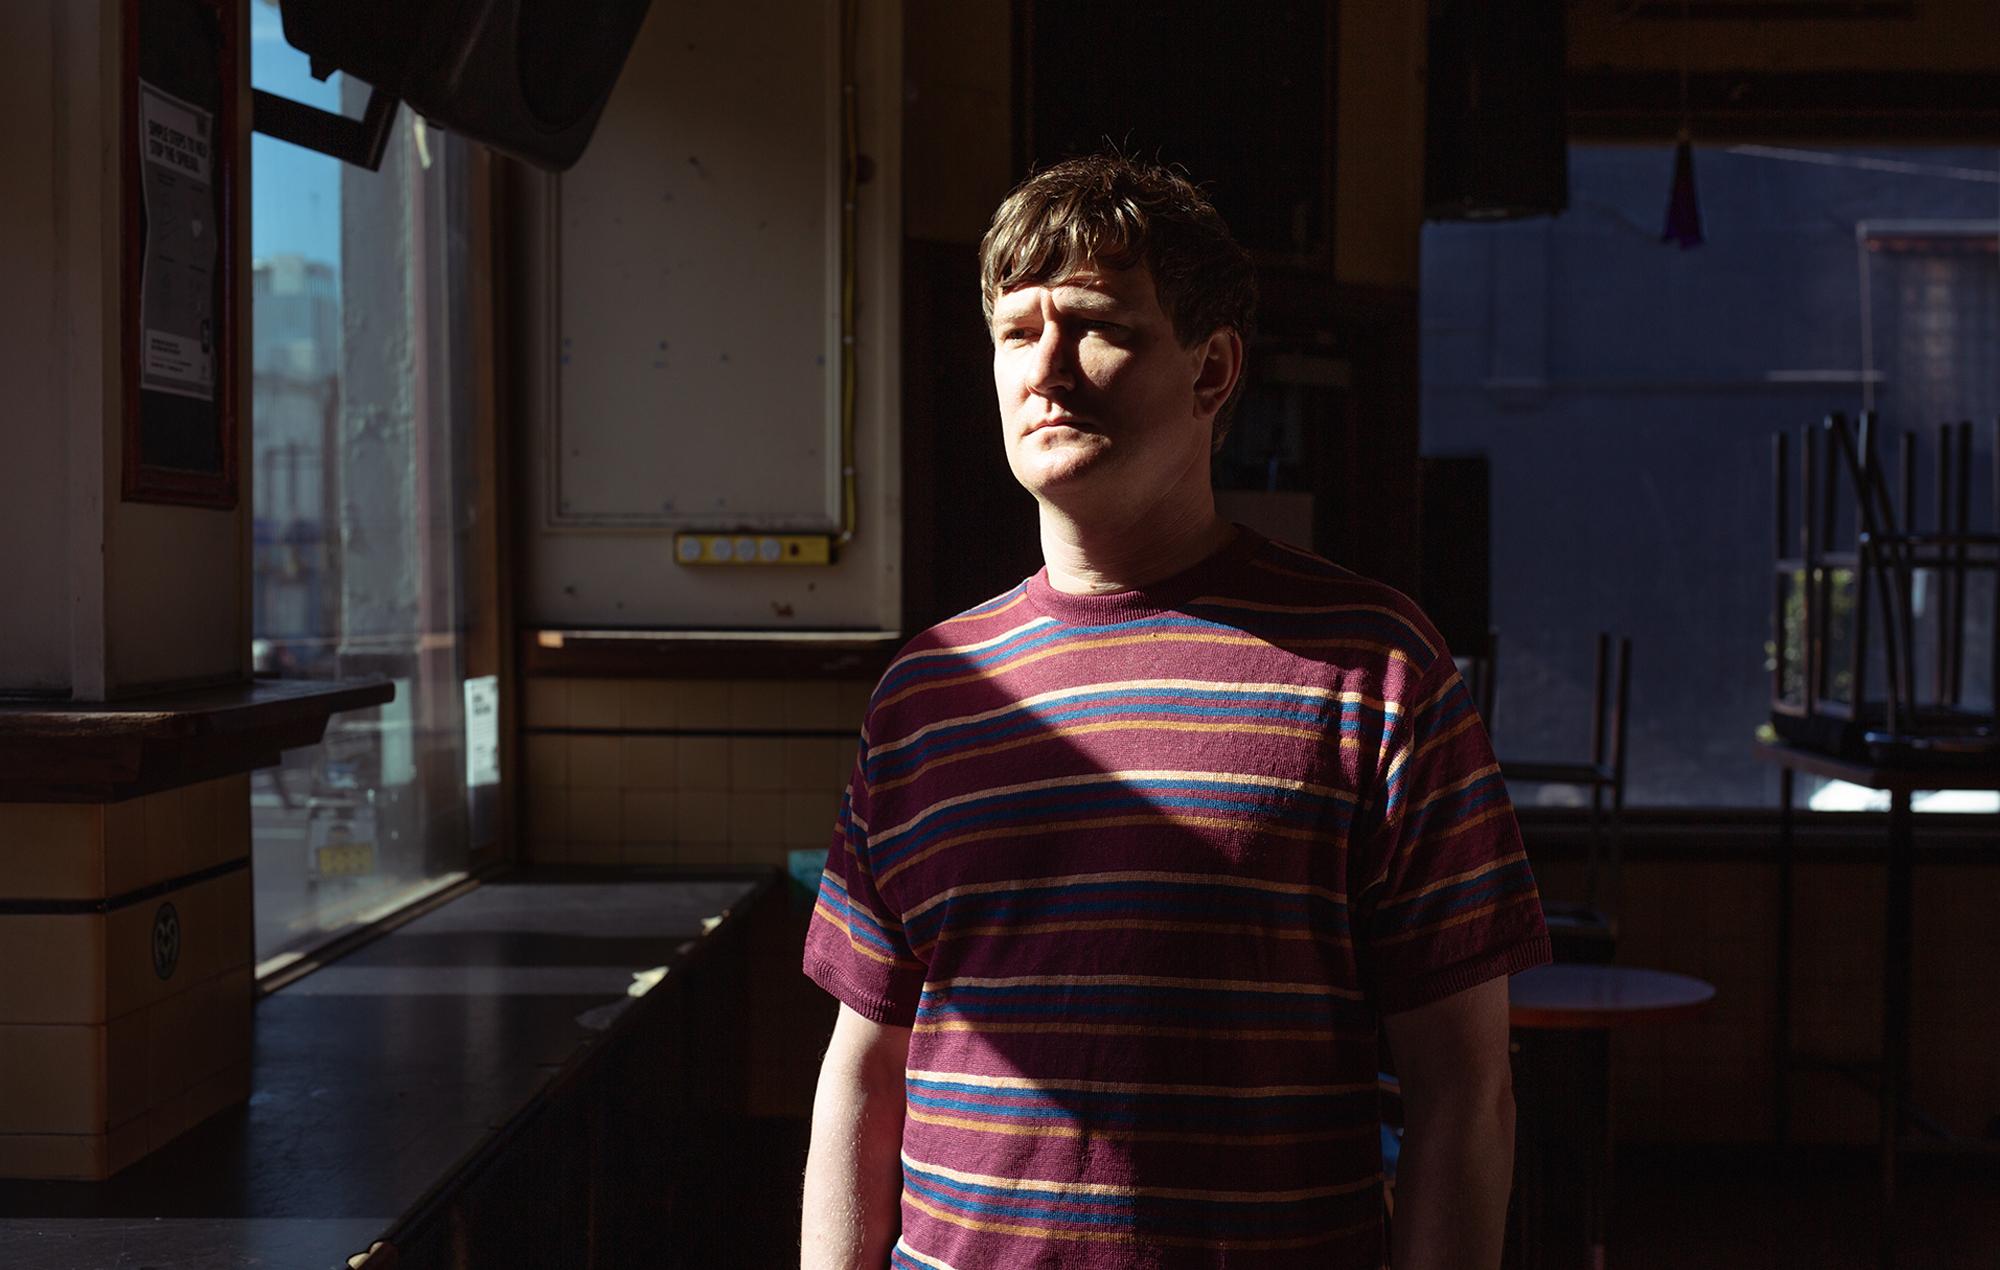 Blake Scott Peep Tempel new solo album Niscitam interview